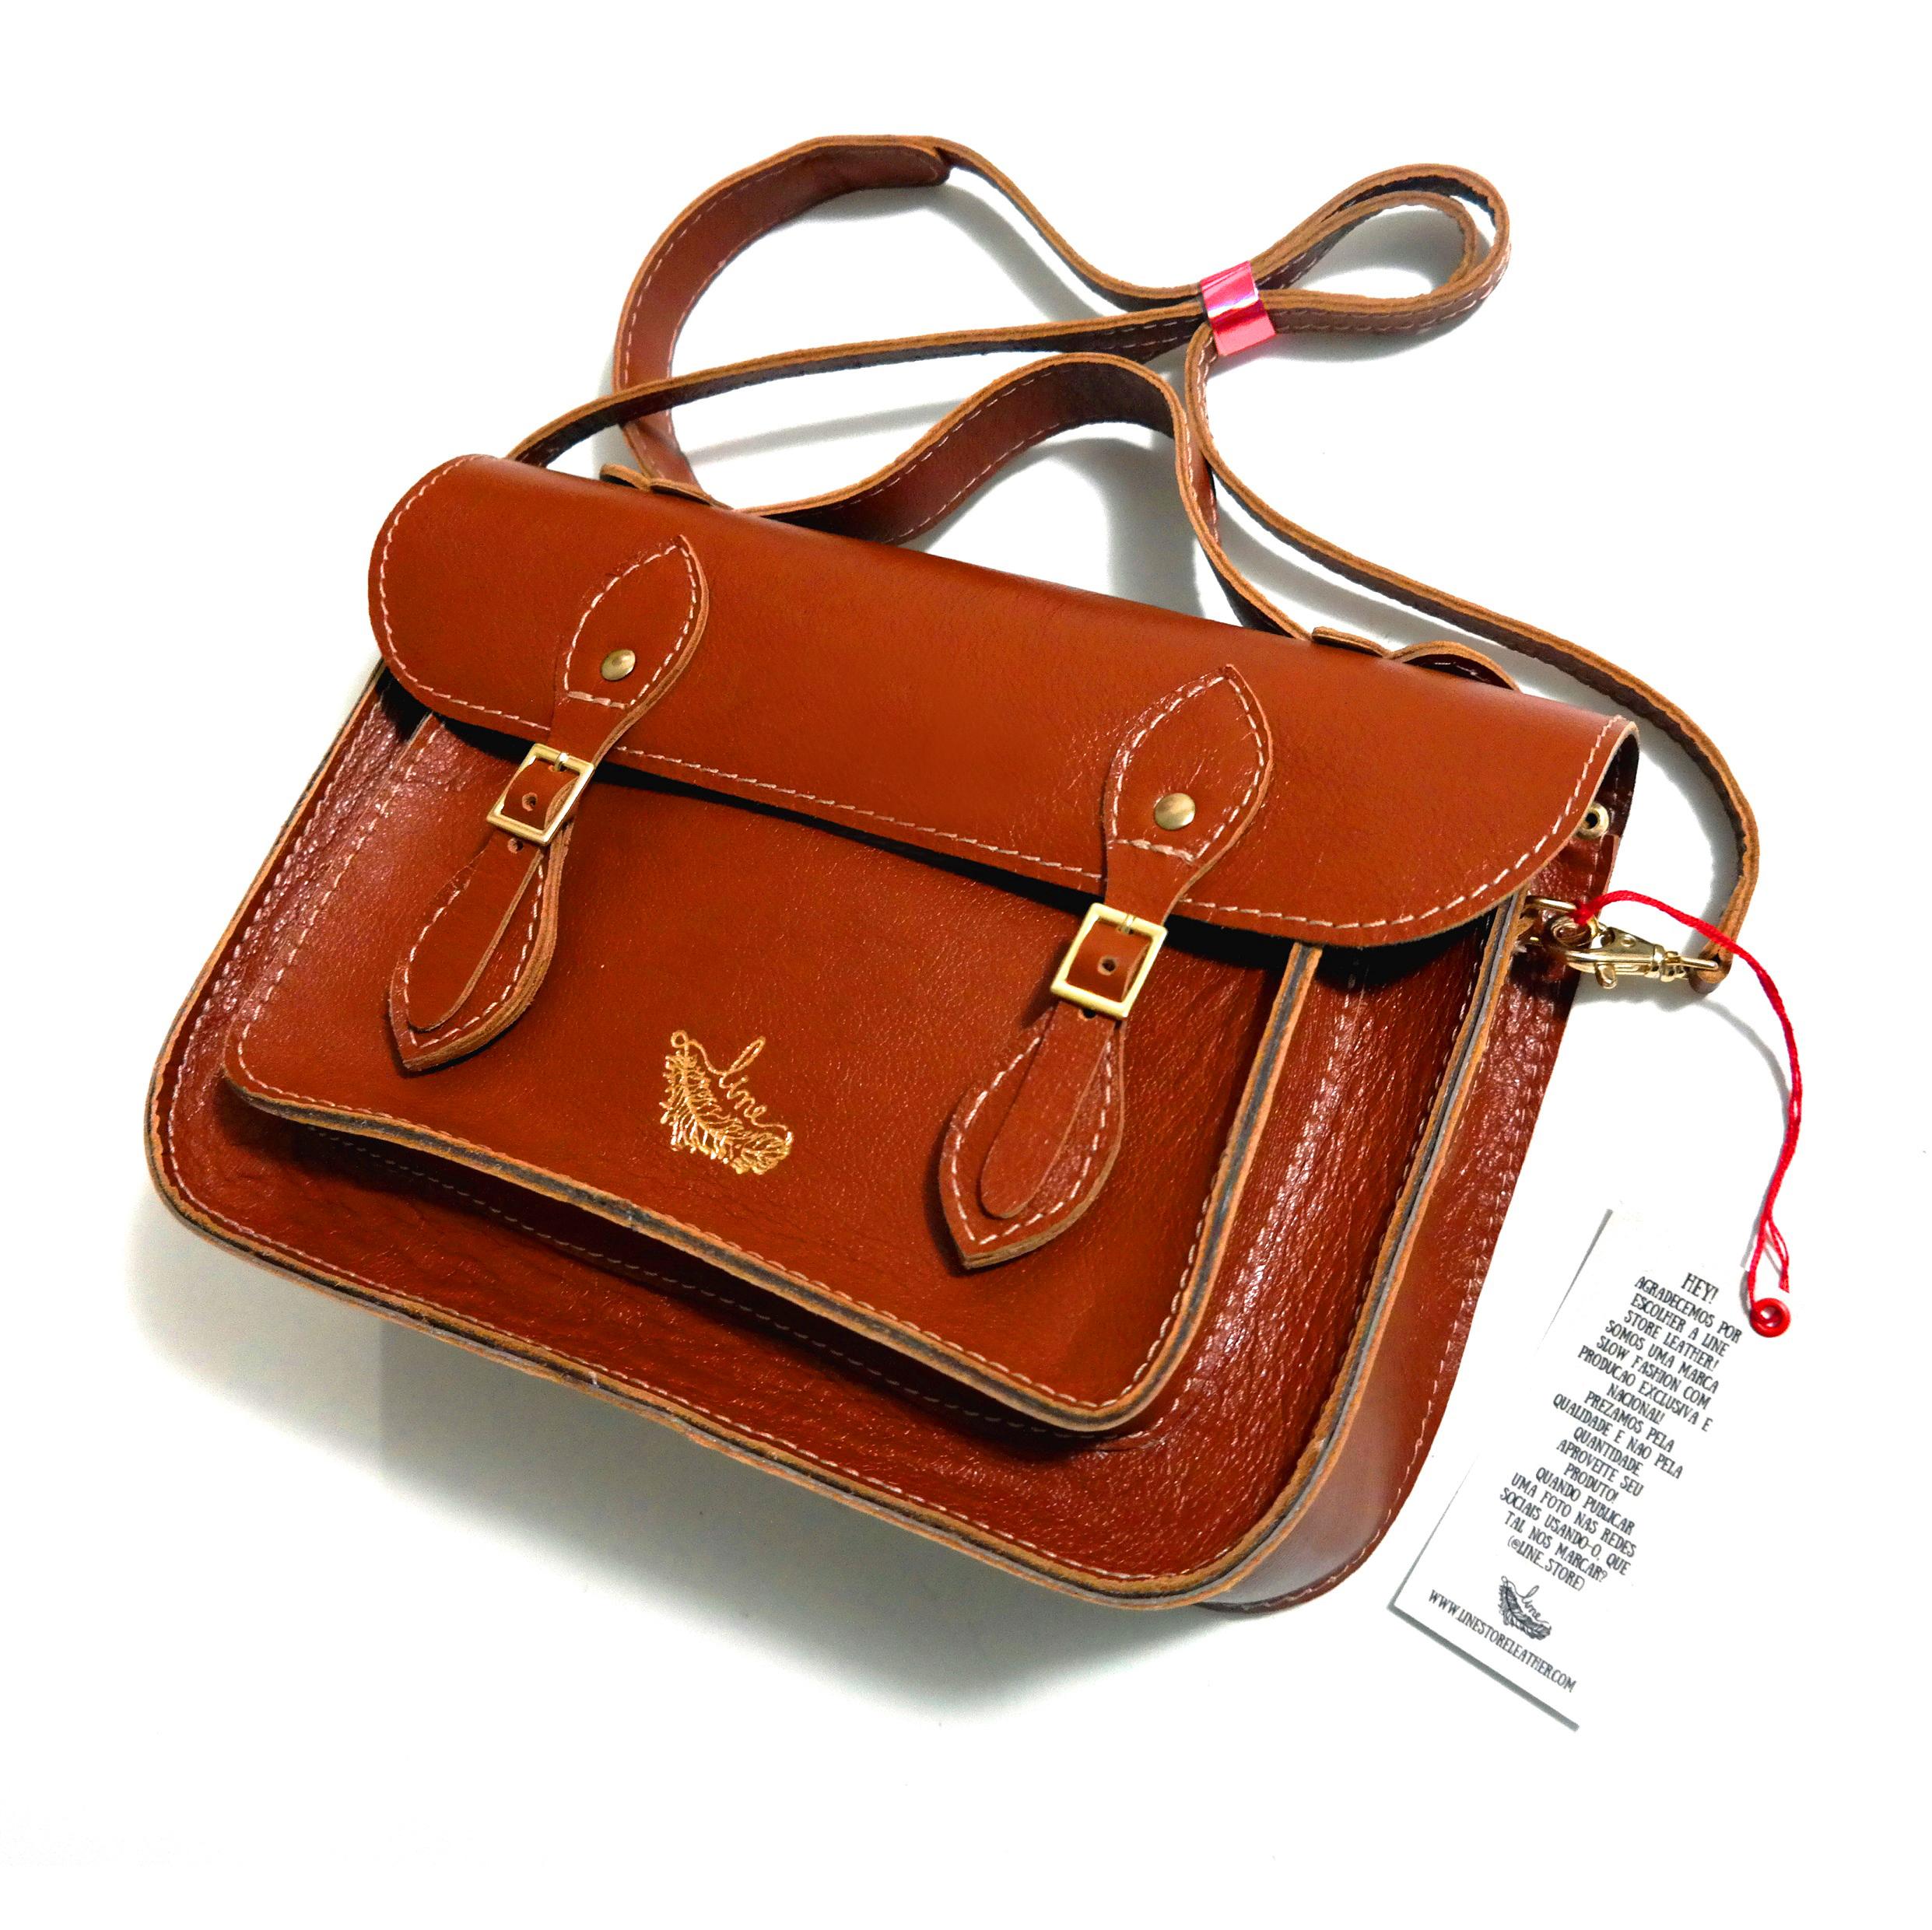 Bolsa Couo Line Satchel Bag